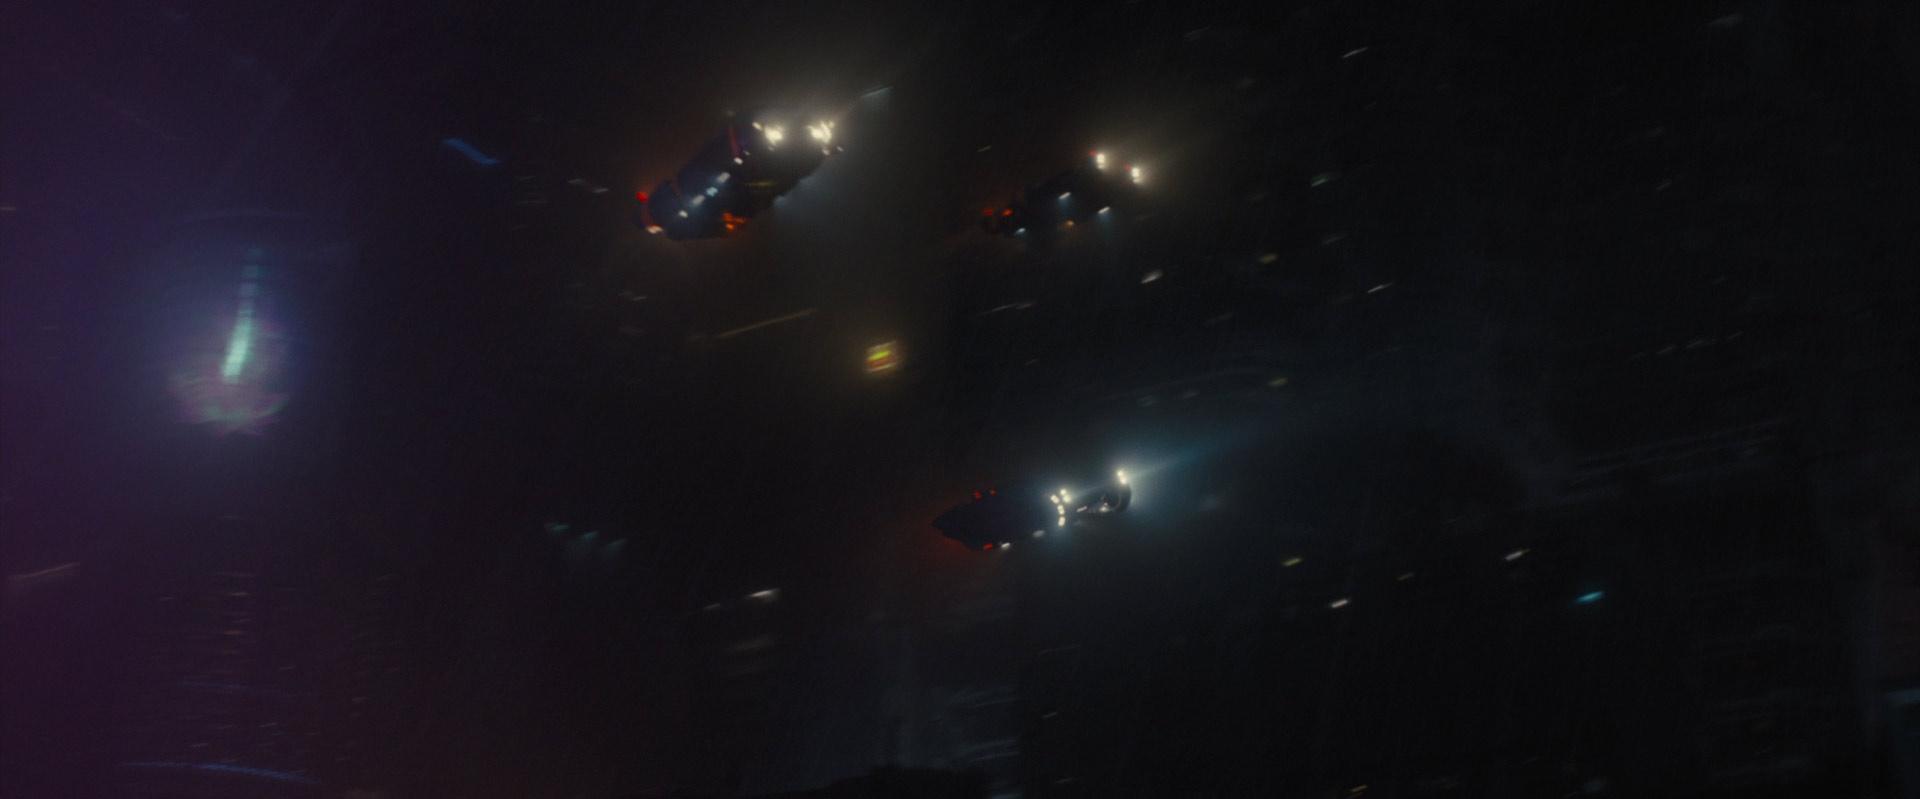 Blade-Runner-2049-1327